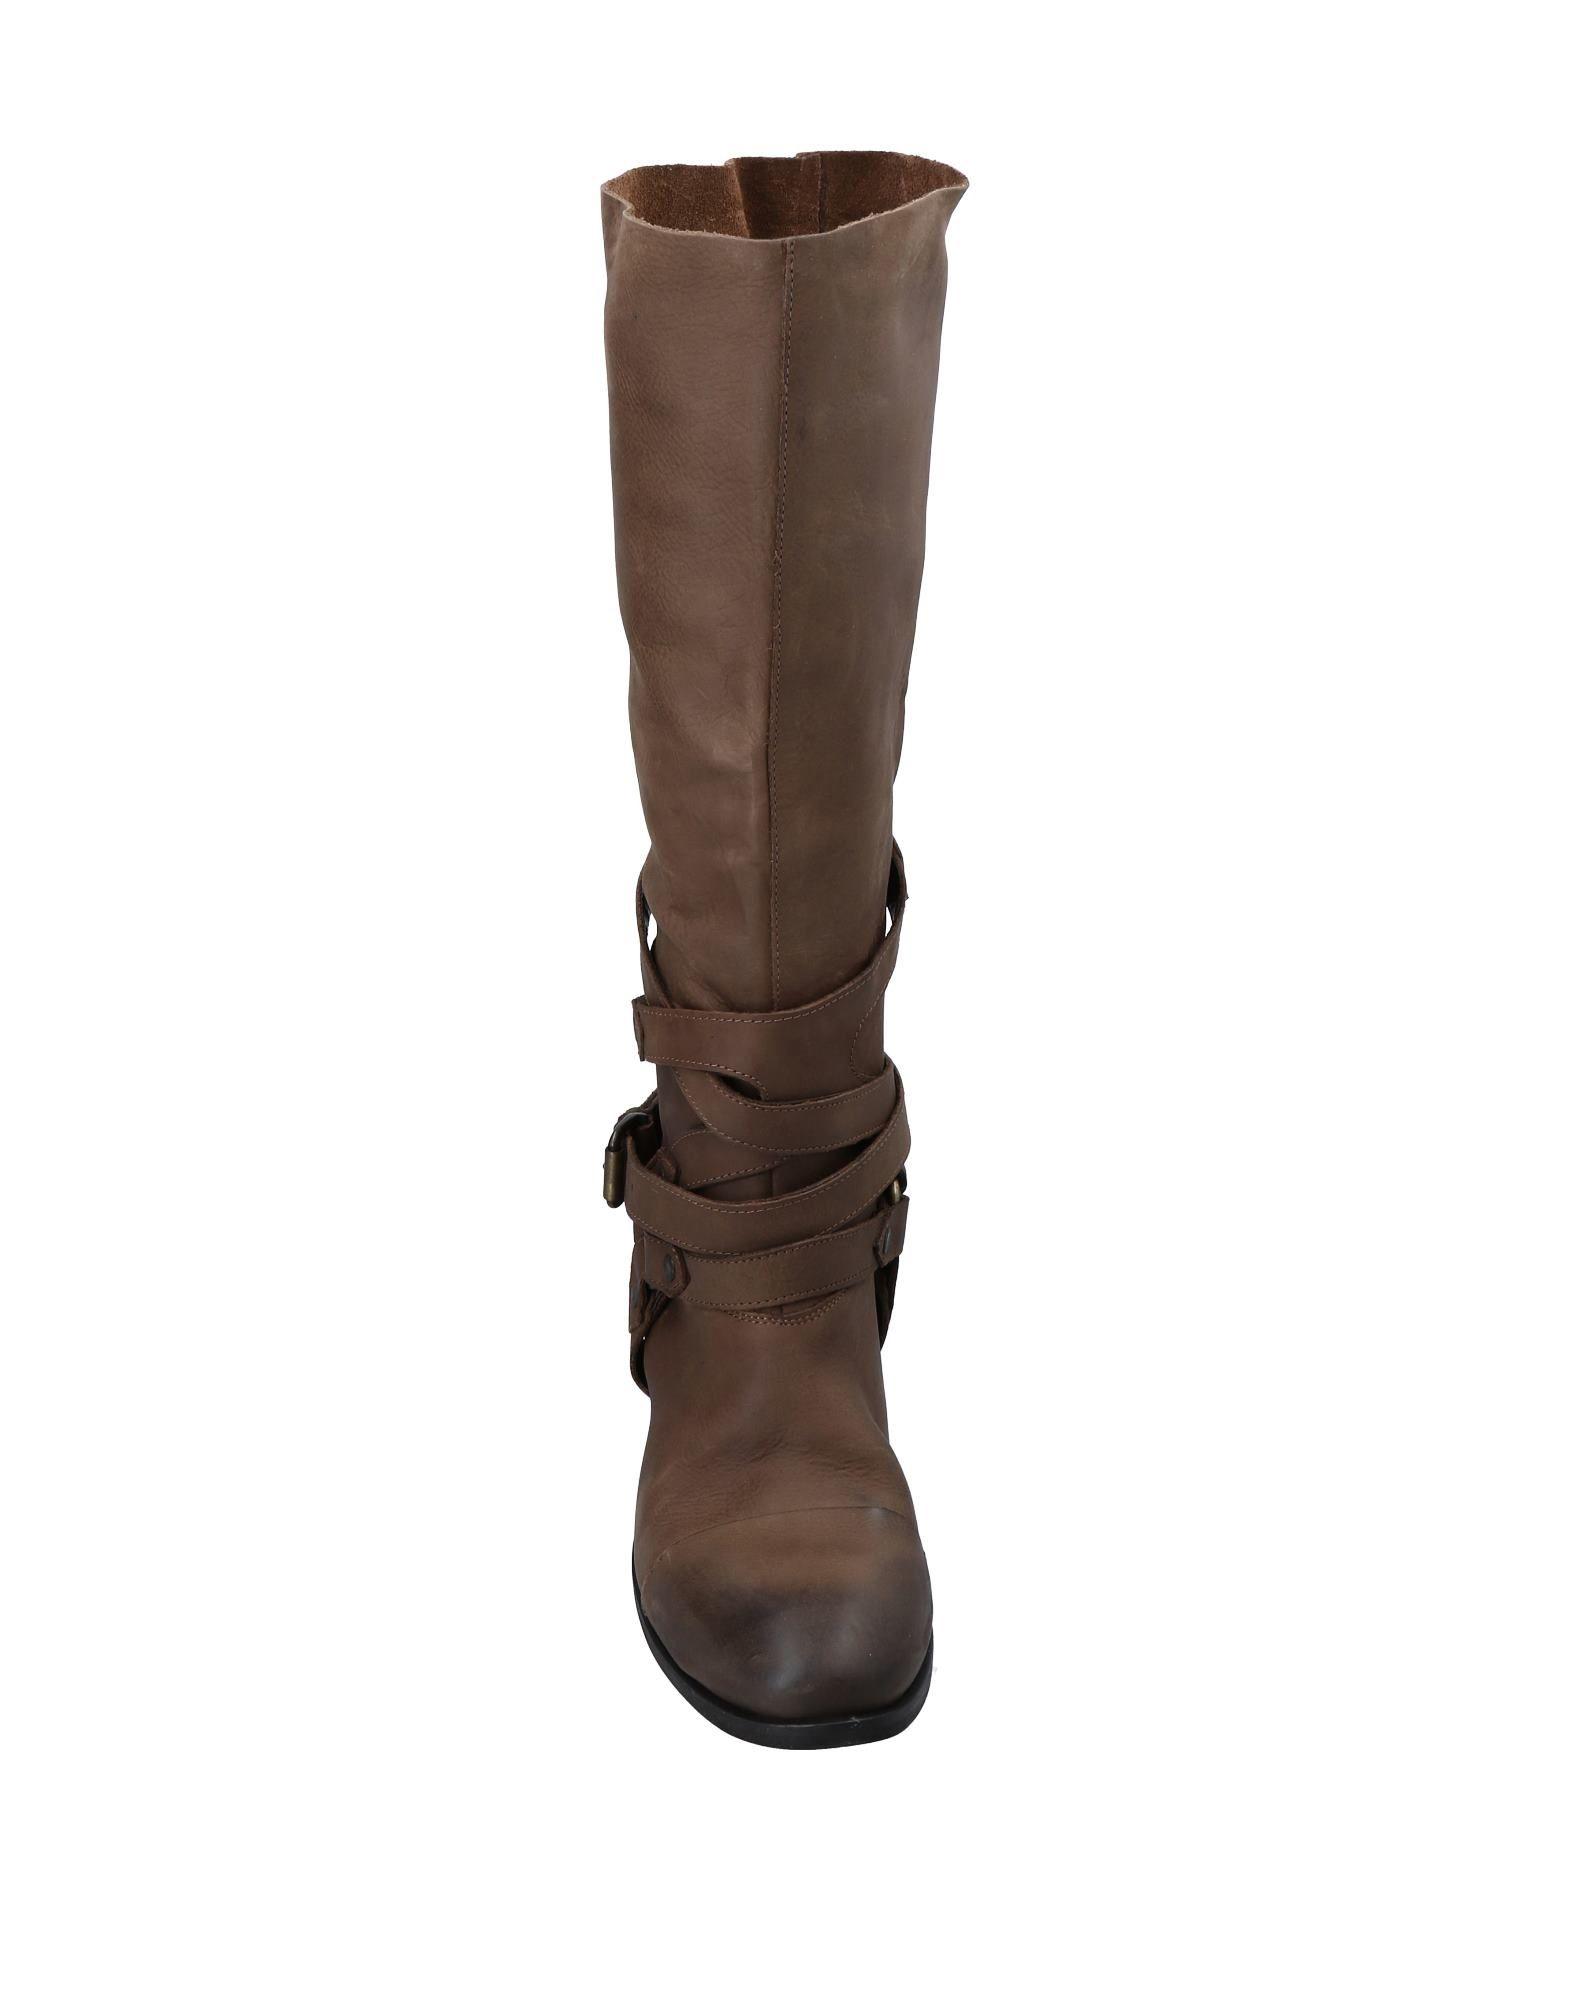 Jfk aussehende Stiefelette Damen  11029298LRGut aussehende Jfk strapazierfähige Schuhe 9a11d0